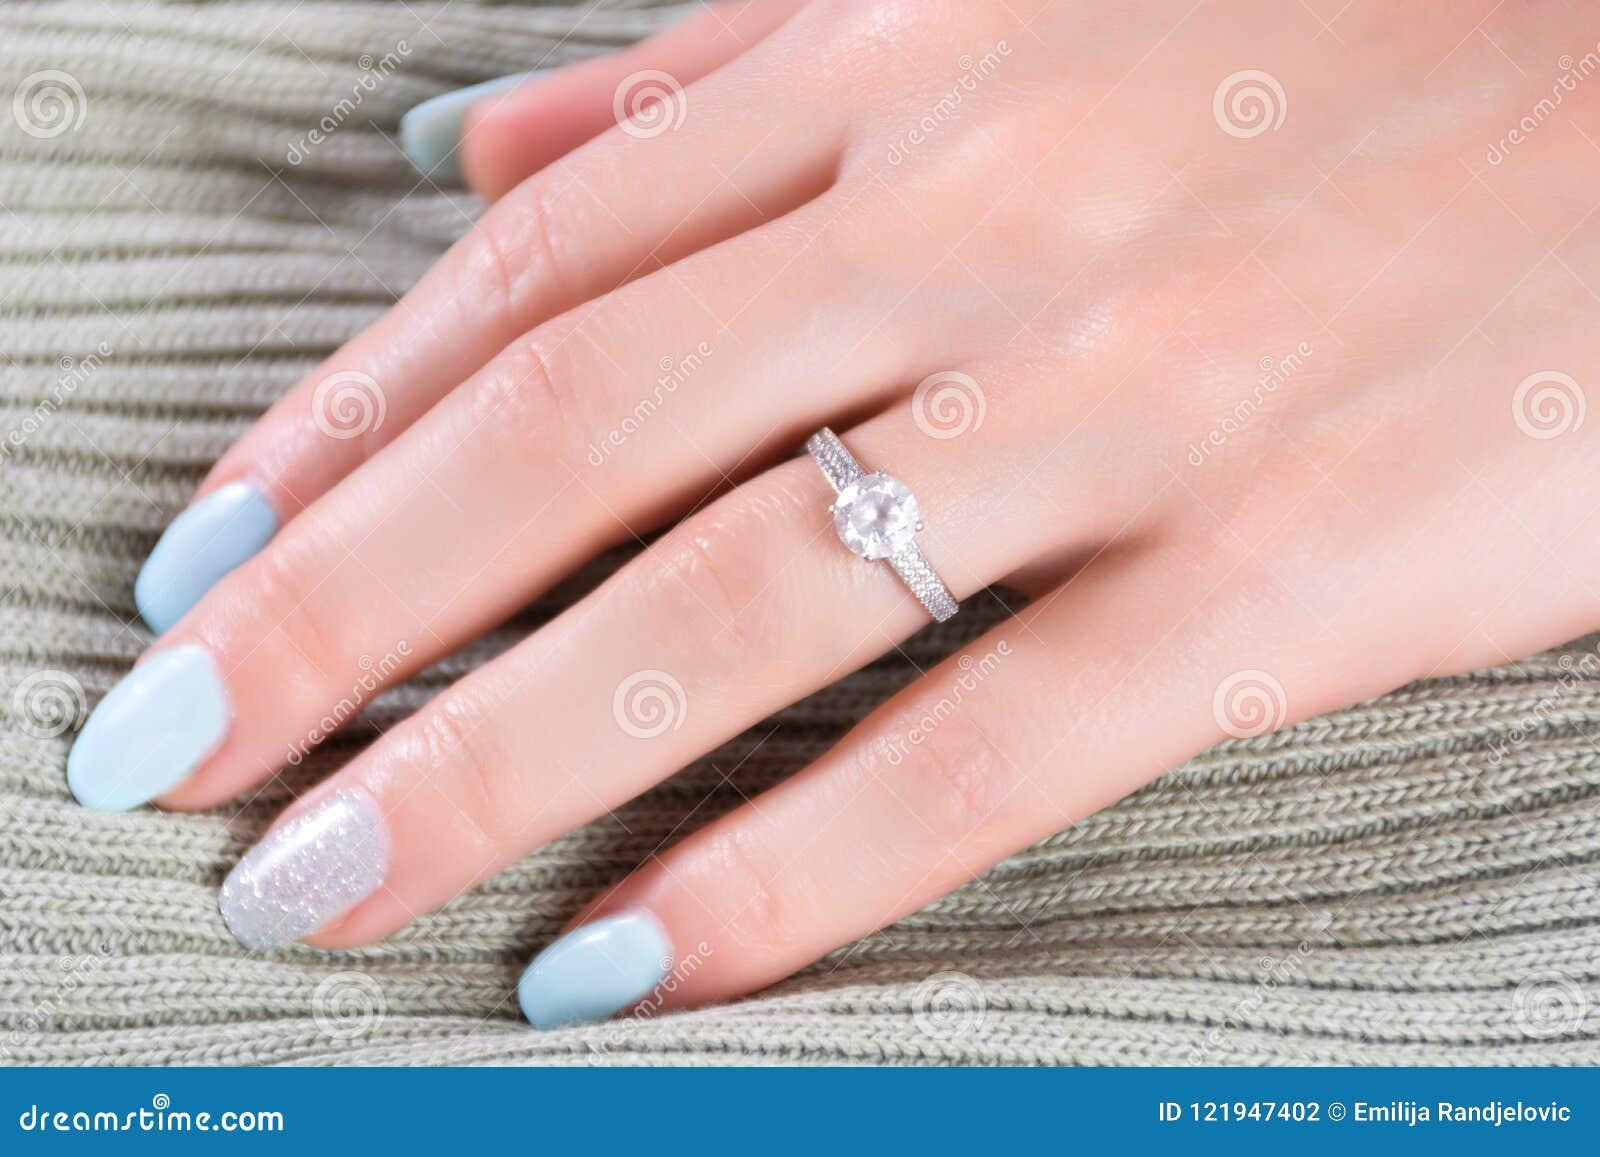 rivenditore all'ingrosso dfc62 e12a5 Gli Anelli Di Fidanzamento Di Nozze Di Diamanti Sul Dito ...